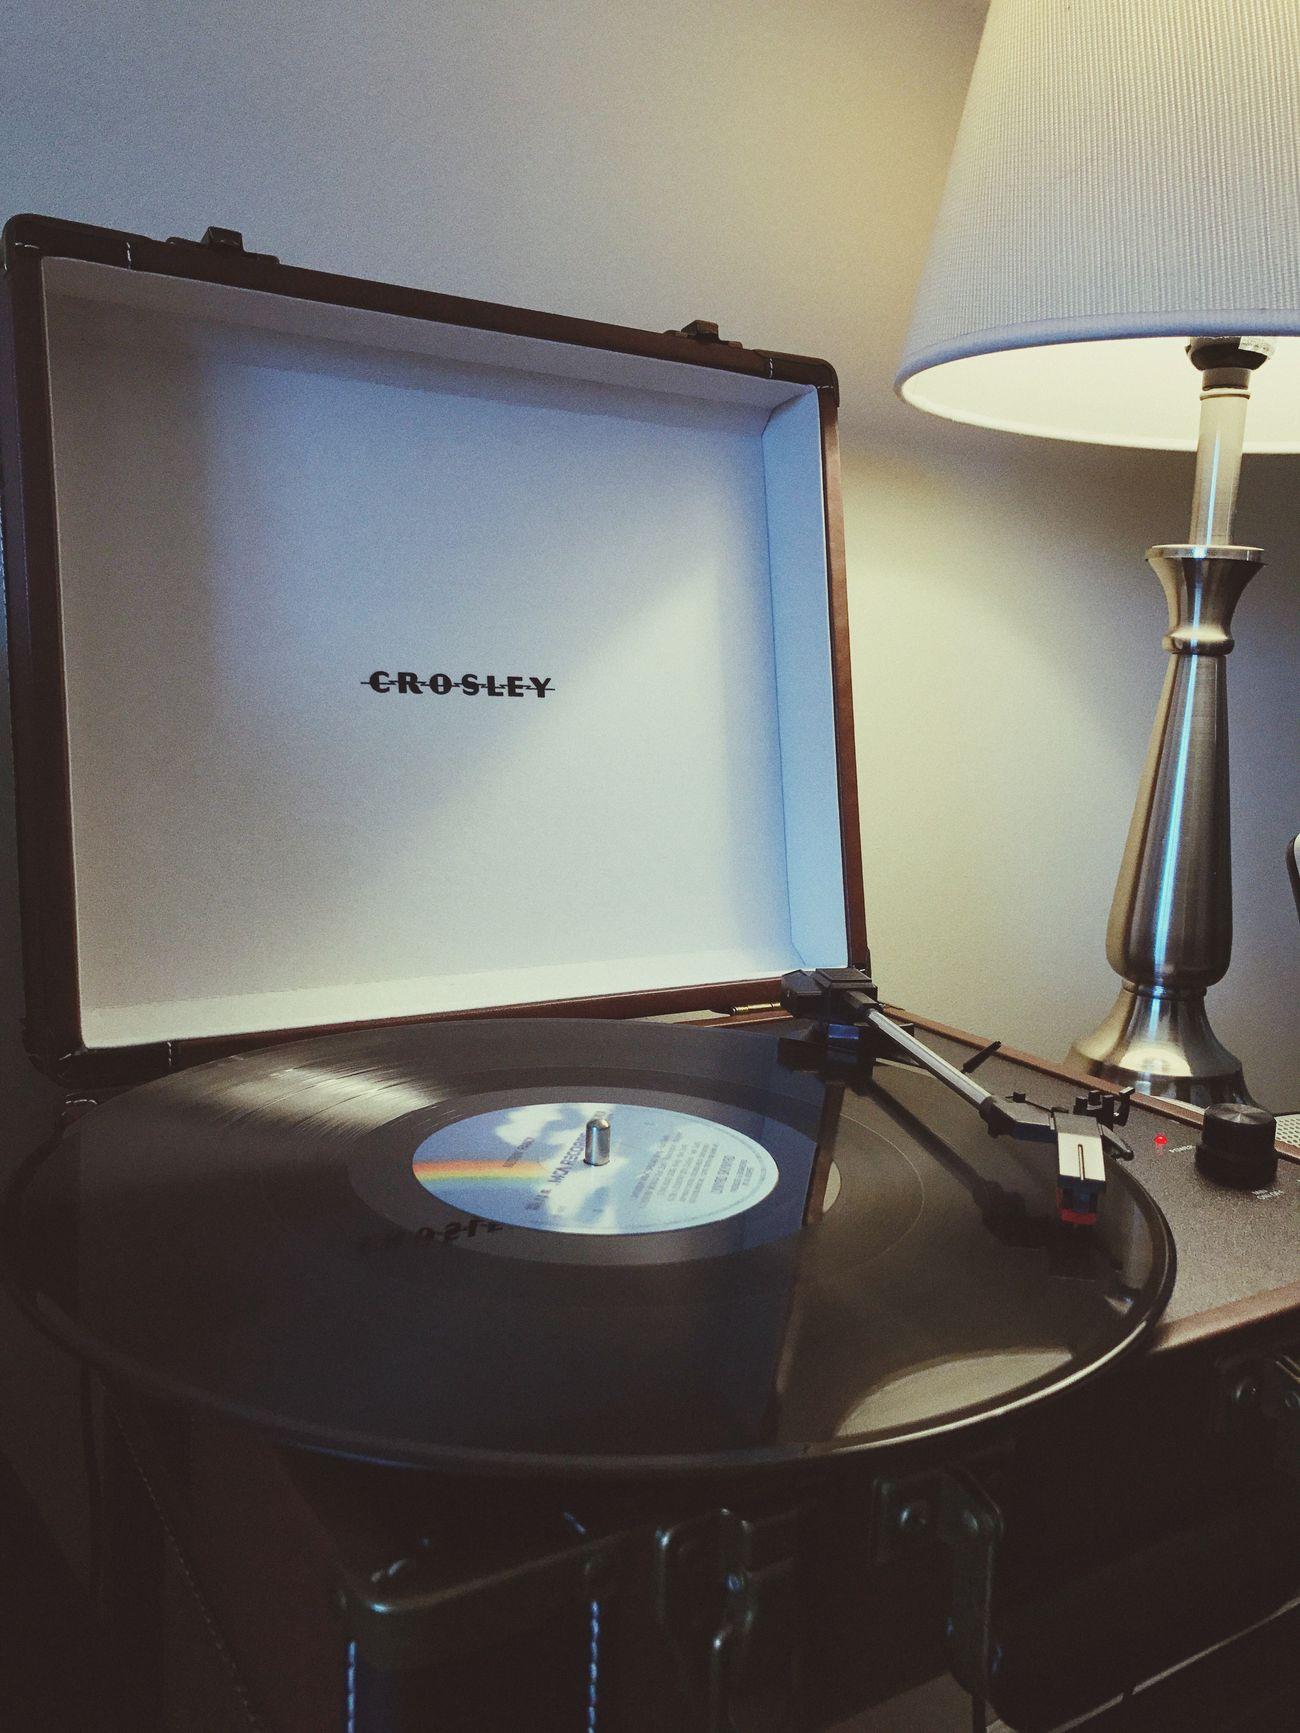 LynyrdSkynyrd Crosley Records Music Vinyl